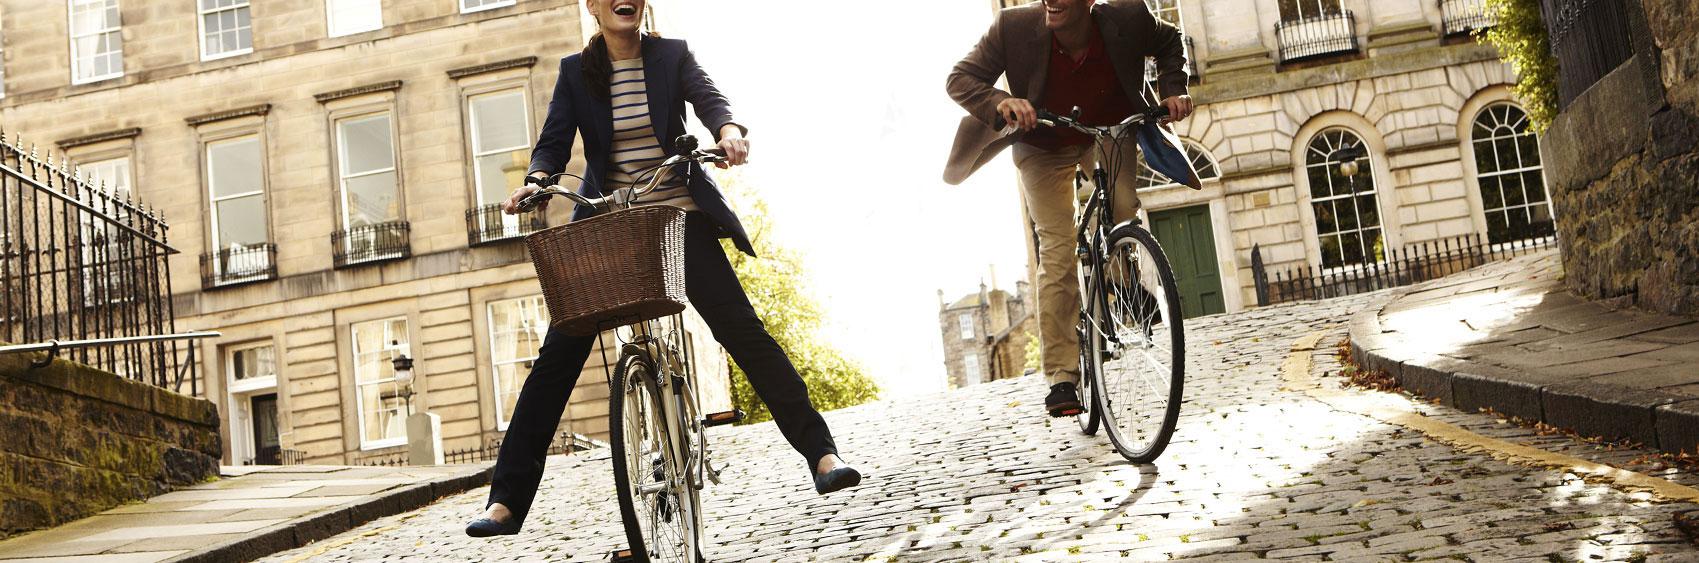 visita milano in bicicletta